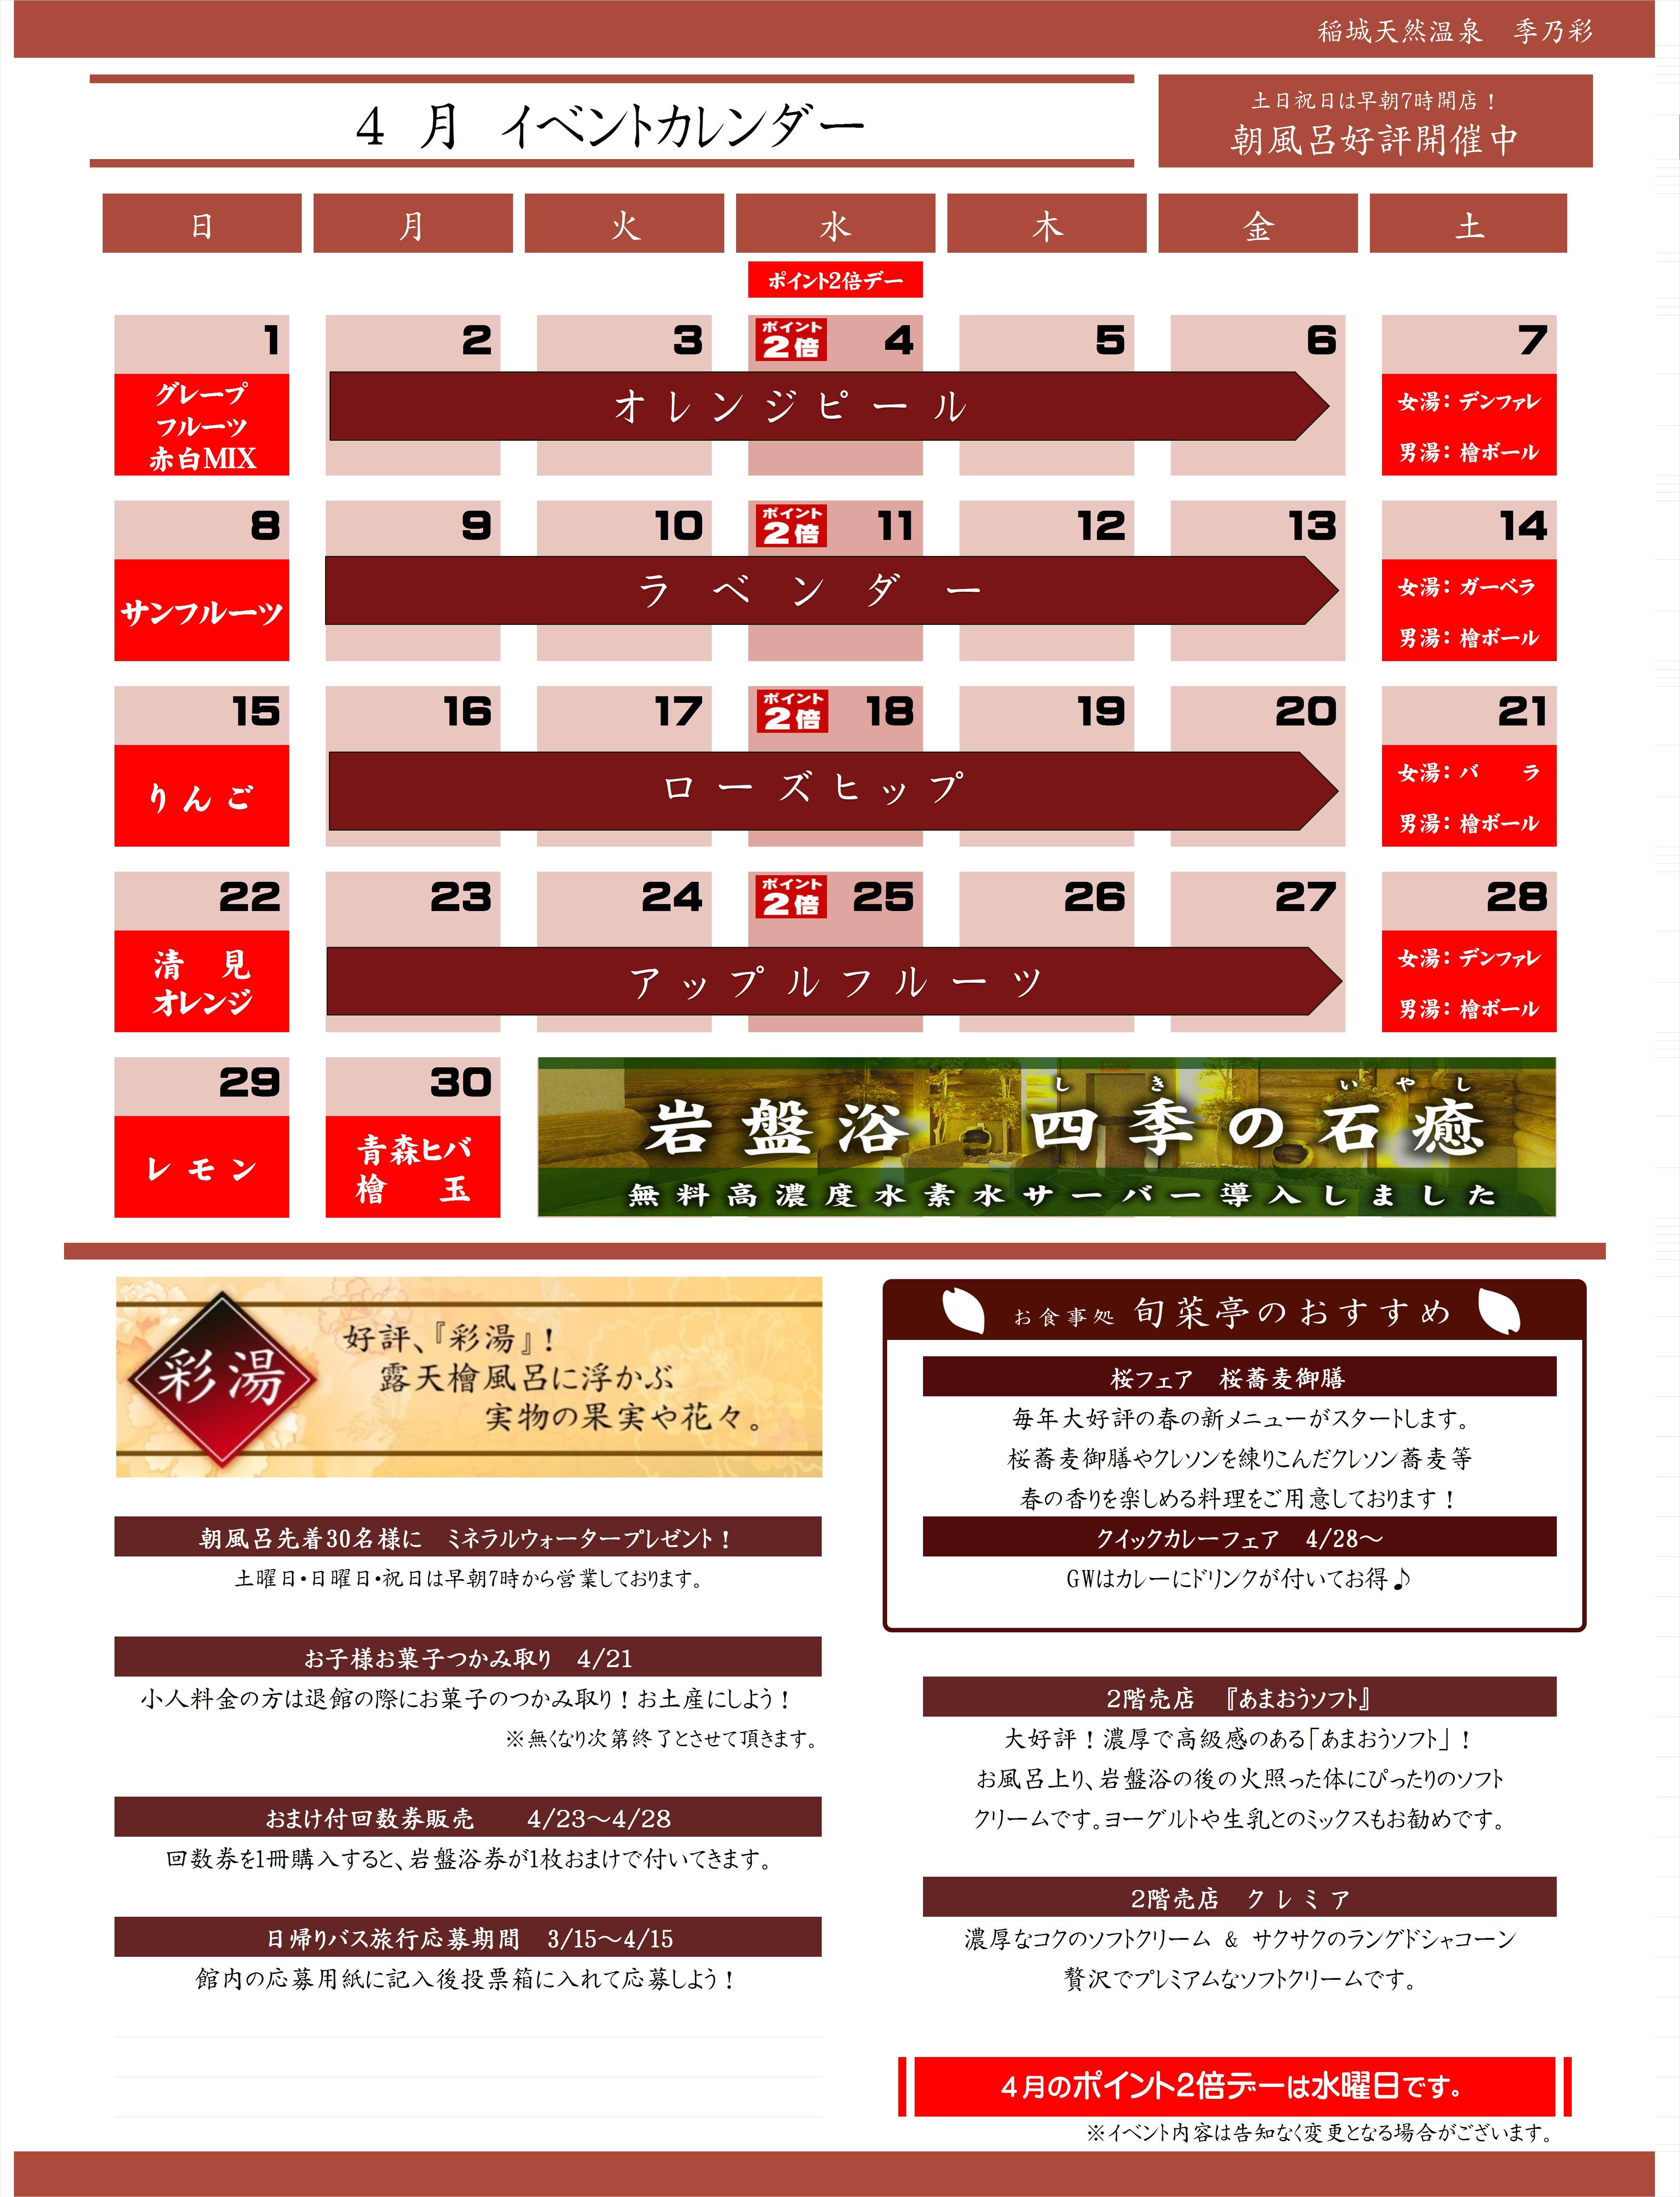 イベントカレンダー 201804